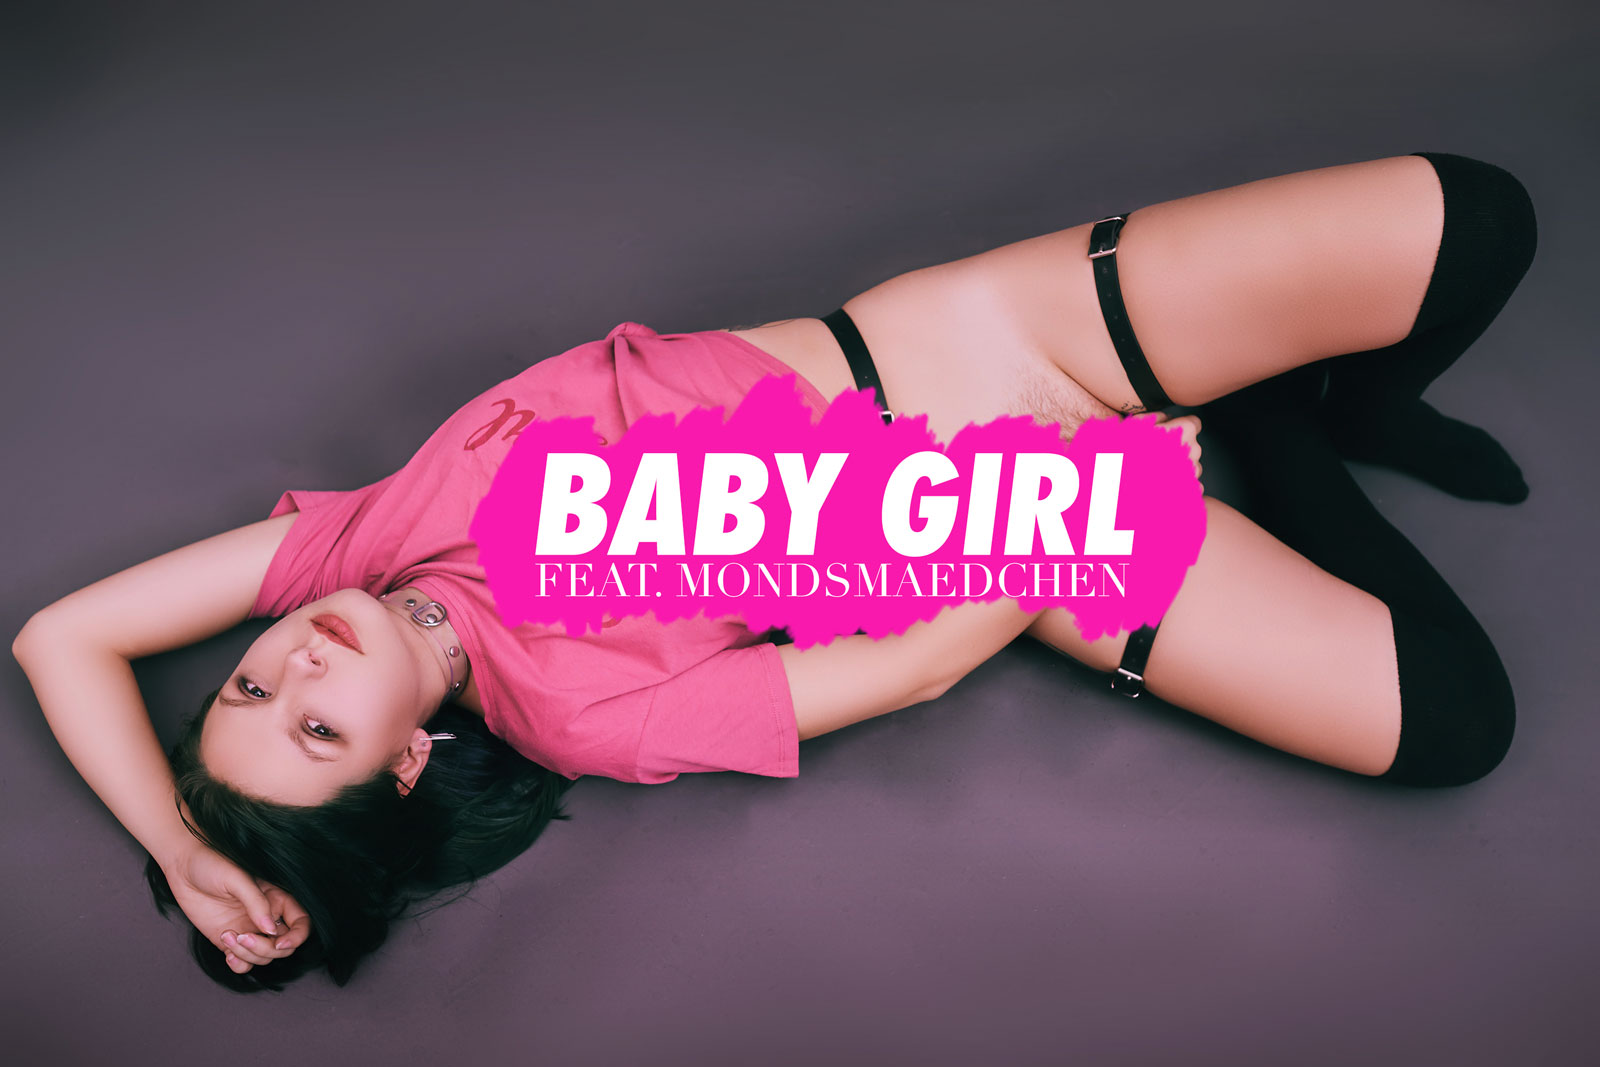 Baby Girl - feat. Mondsmaedchen - 23